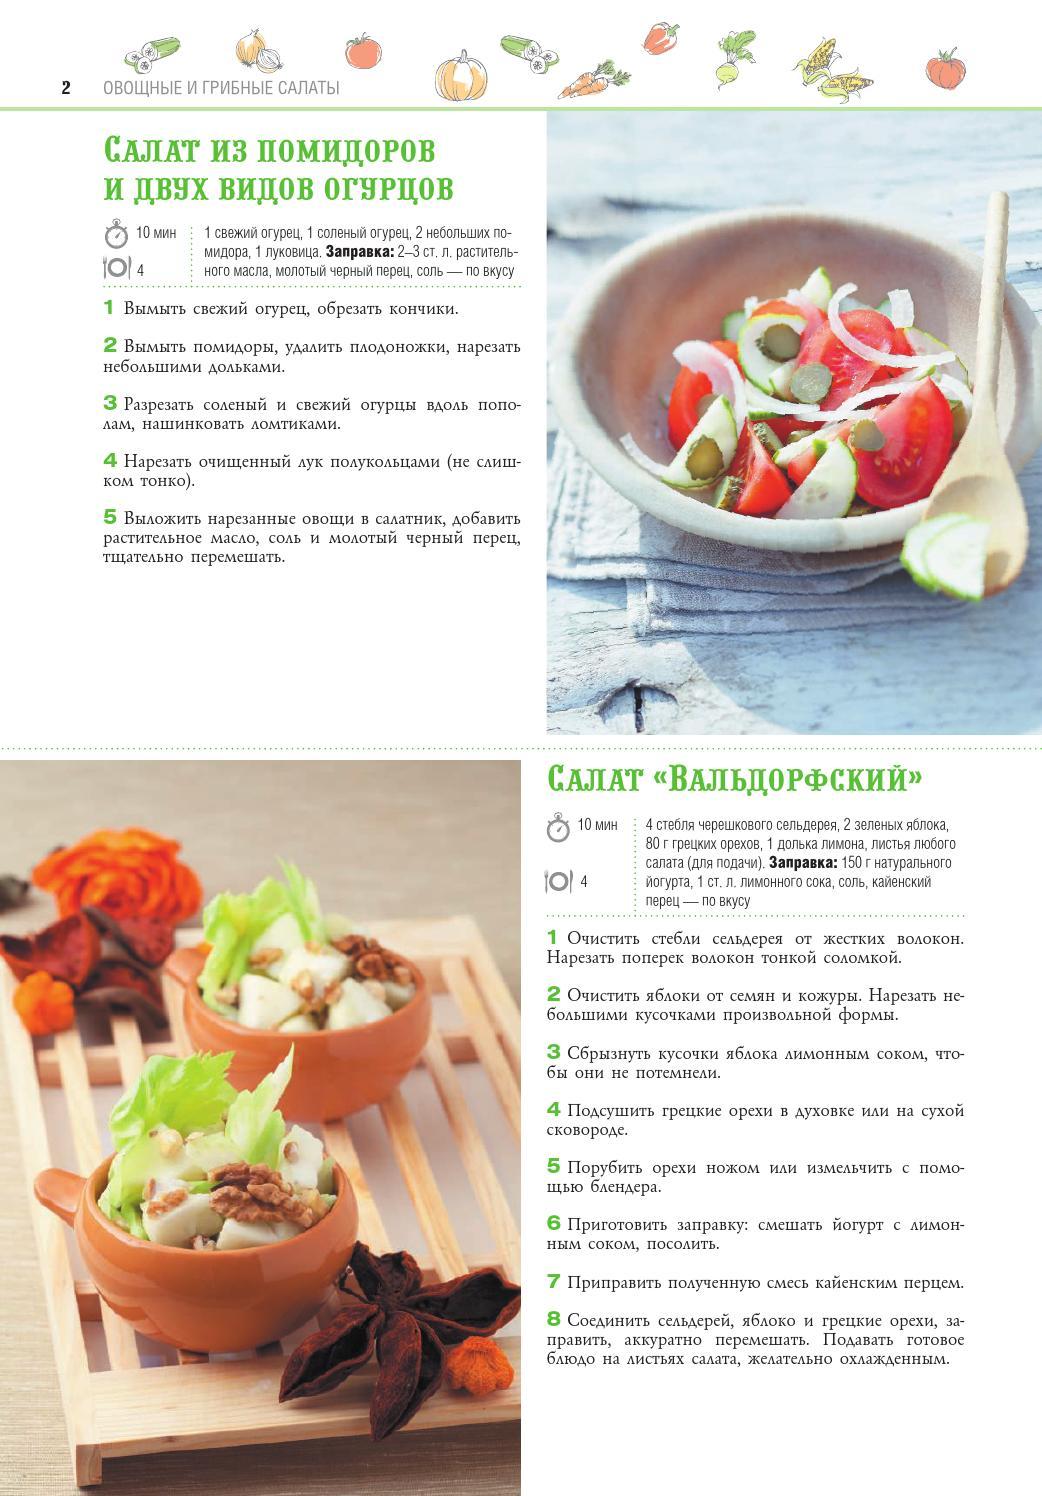 Рецепты масла для блендера